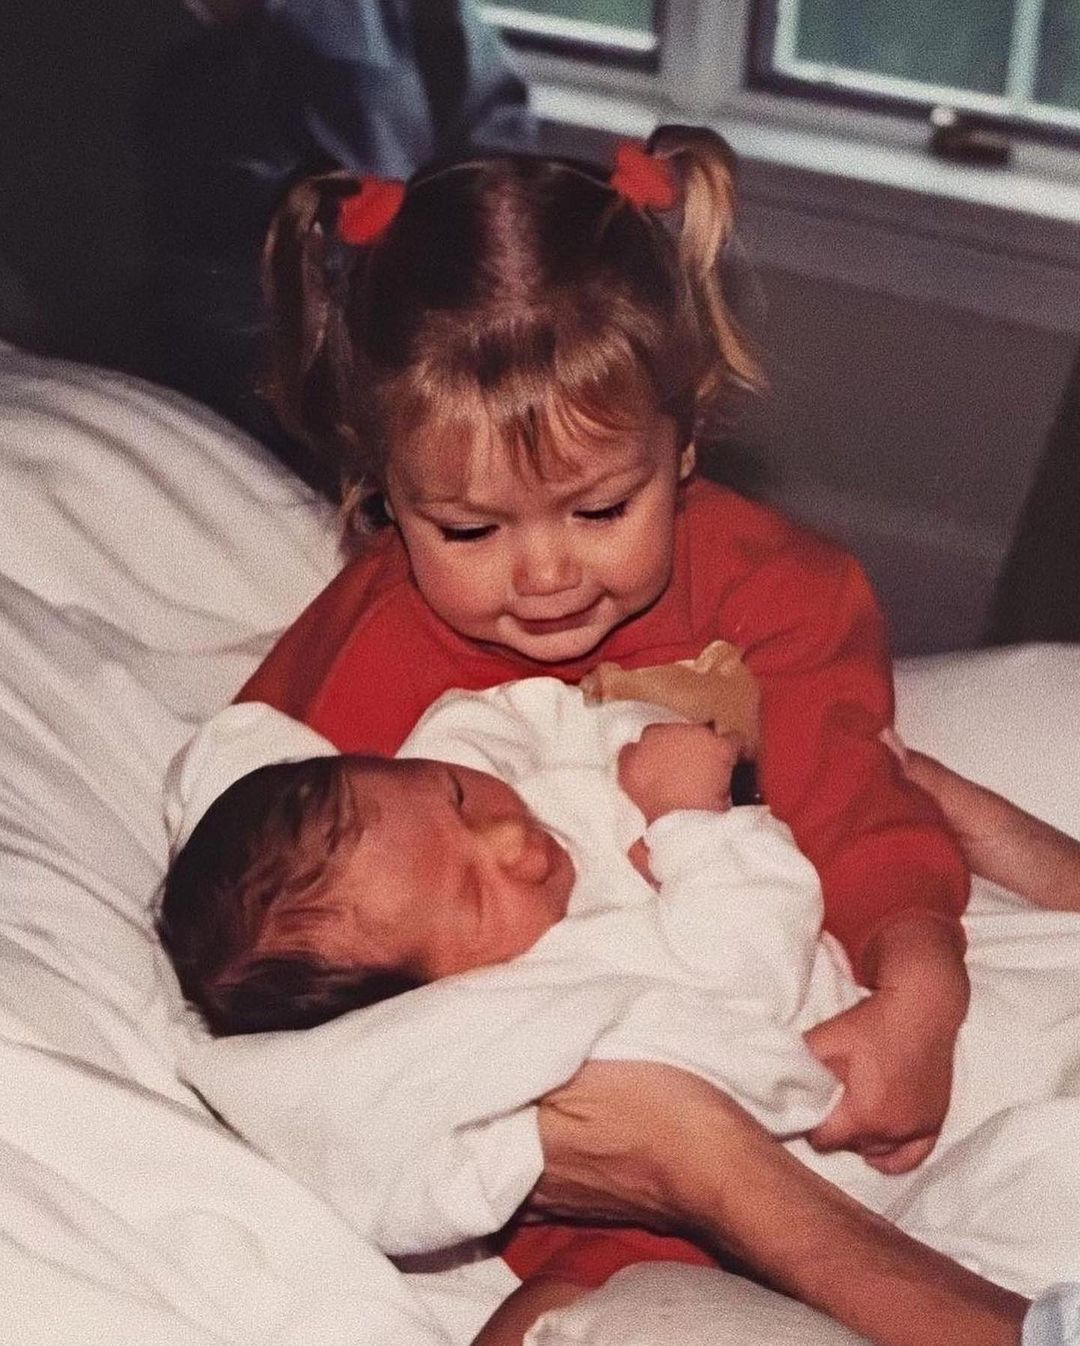 جيجي تحمل شقيقتها بيلا الحديثة الولادة-نشرتها بيلا بأنستغرام